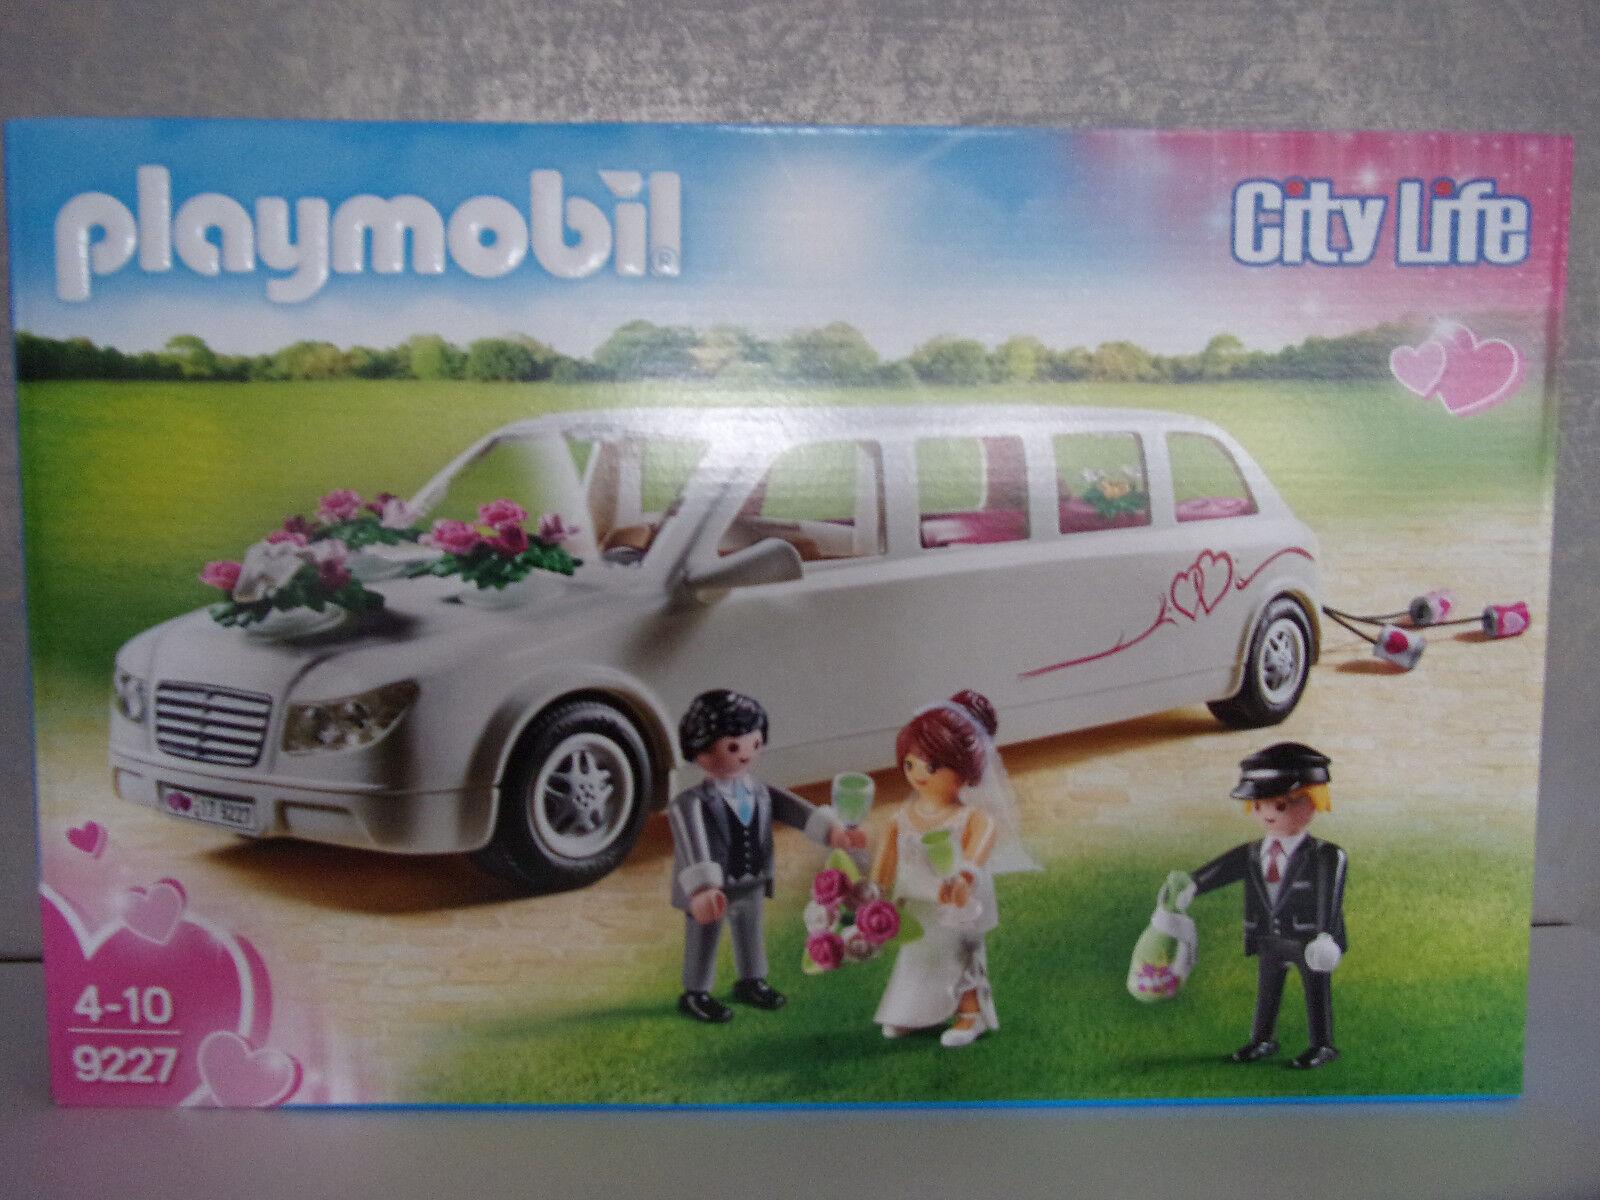 Playmobil City Life 9227 Hochzeitslimousine - Neu & OVP  | Ausgezeichnetes Preis